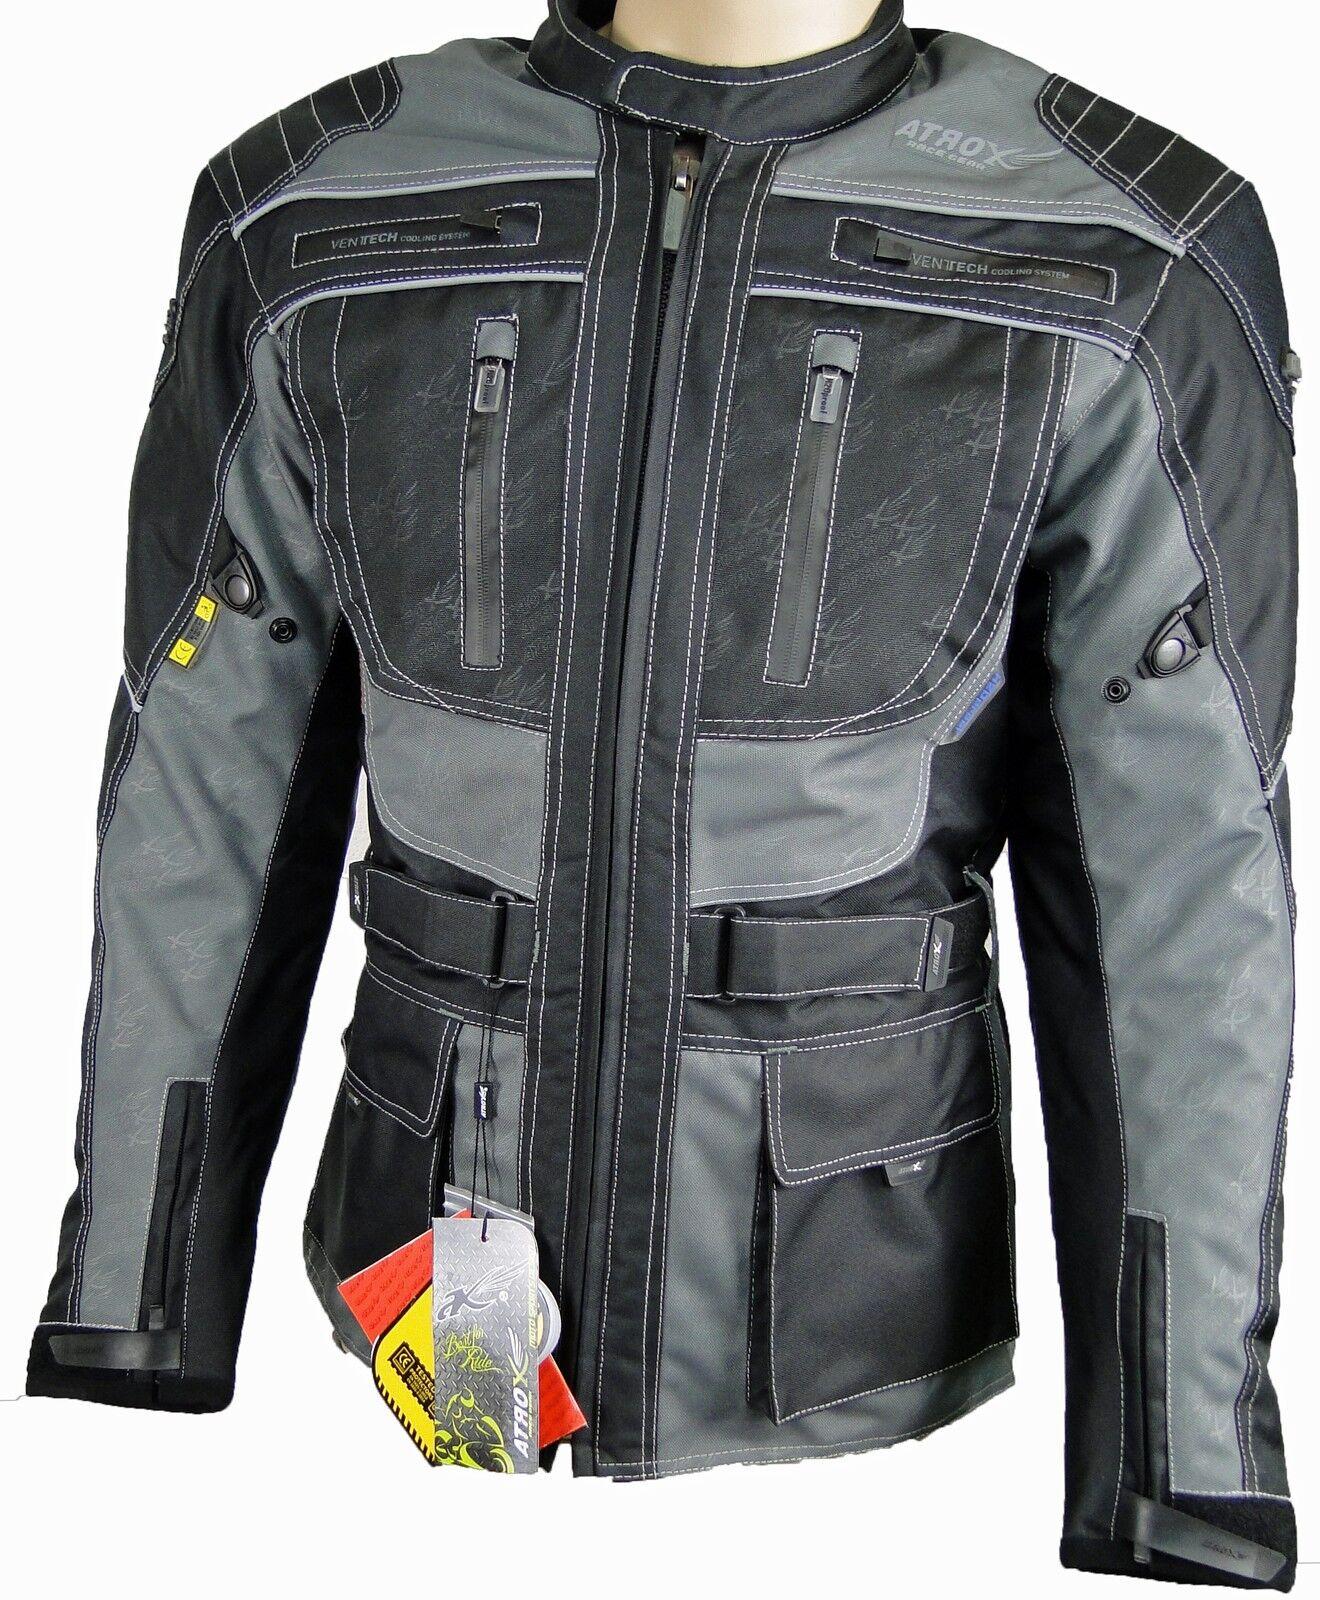 Chaqueta de moto, Cordura, Textil ropa Motocicleta ATROX nf2203 talla L